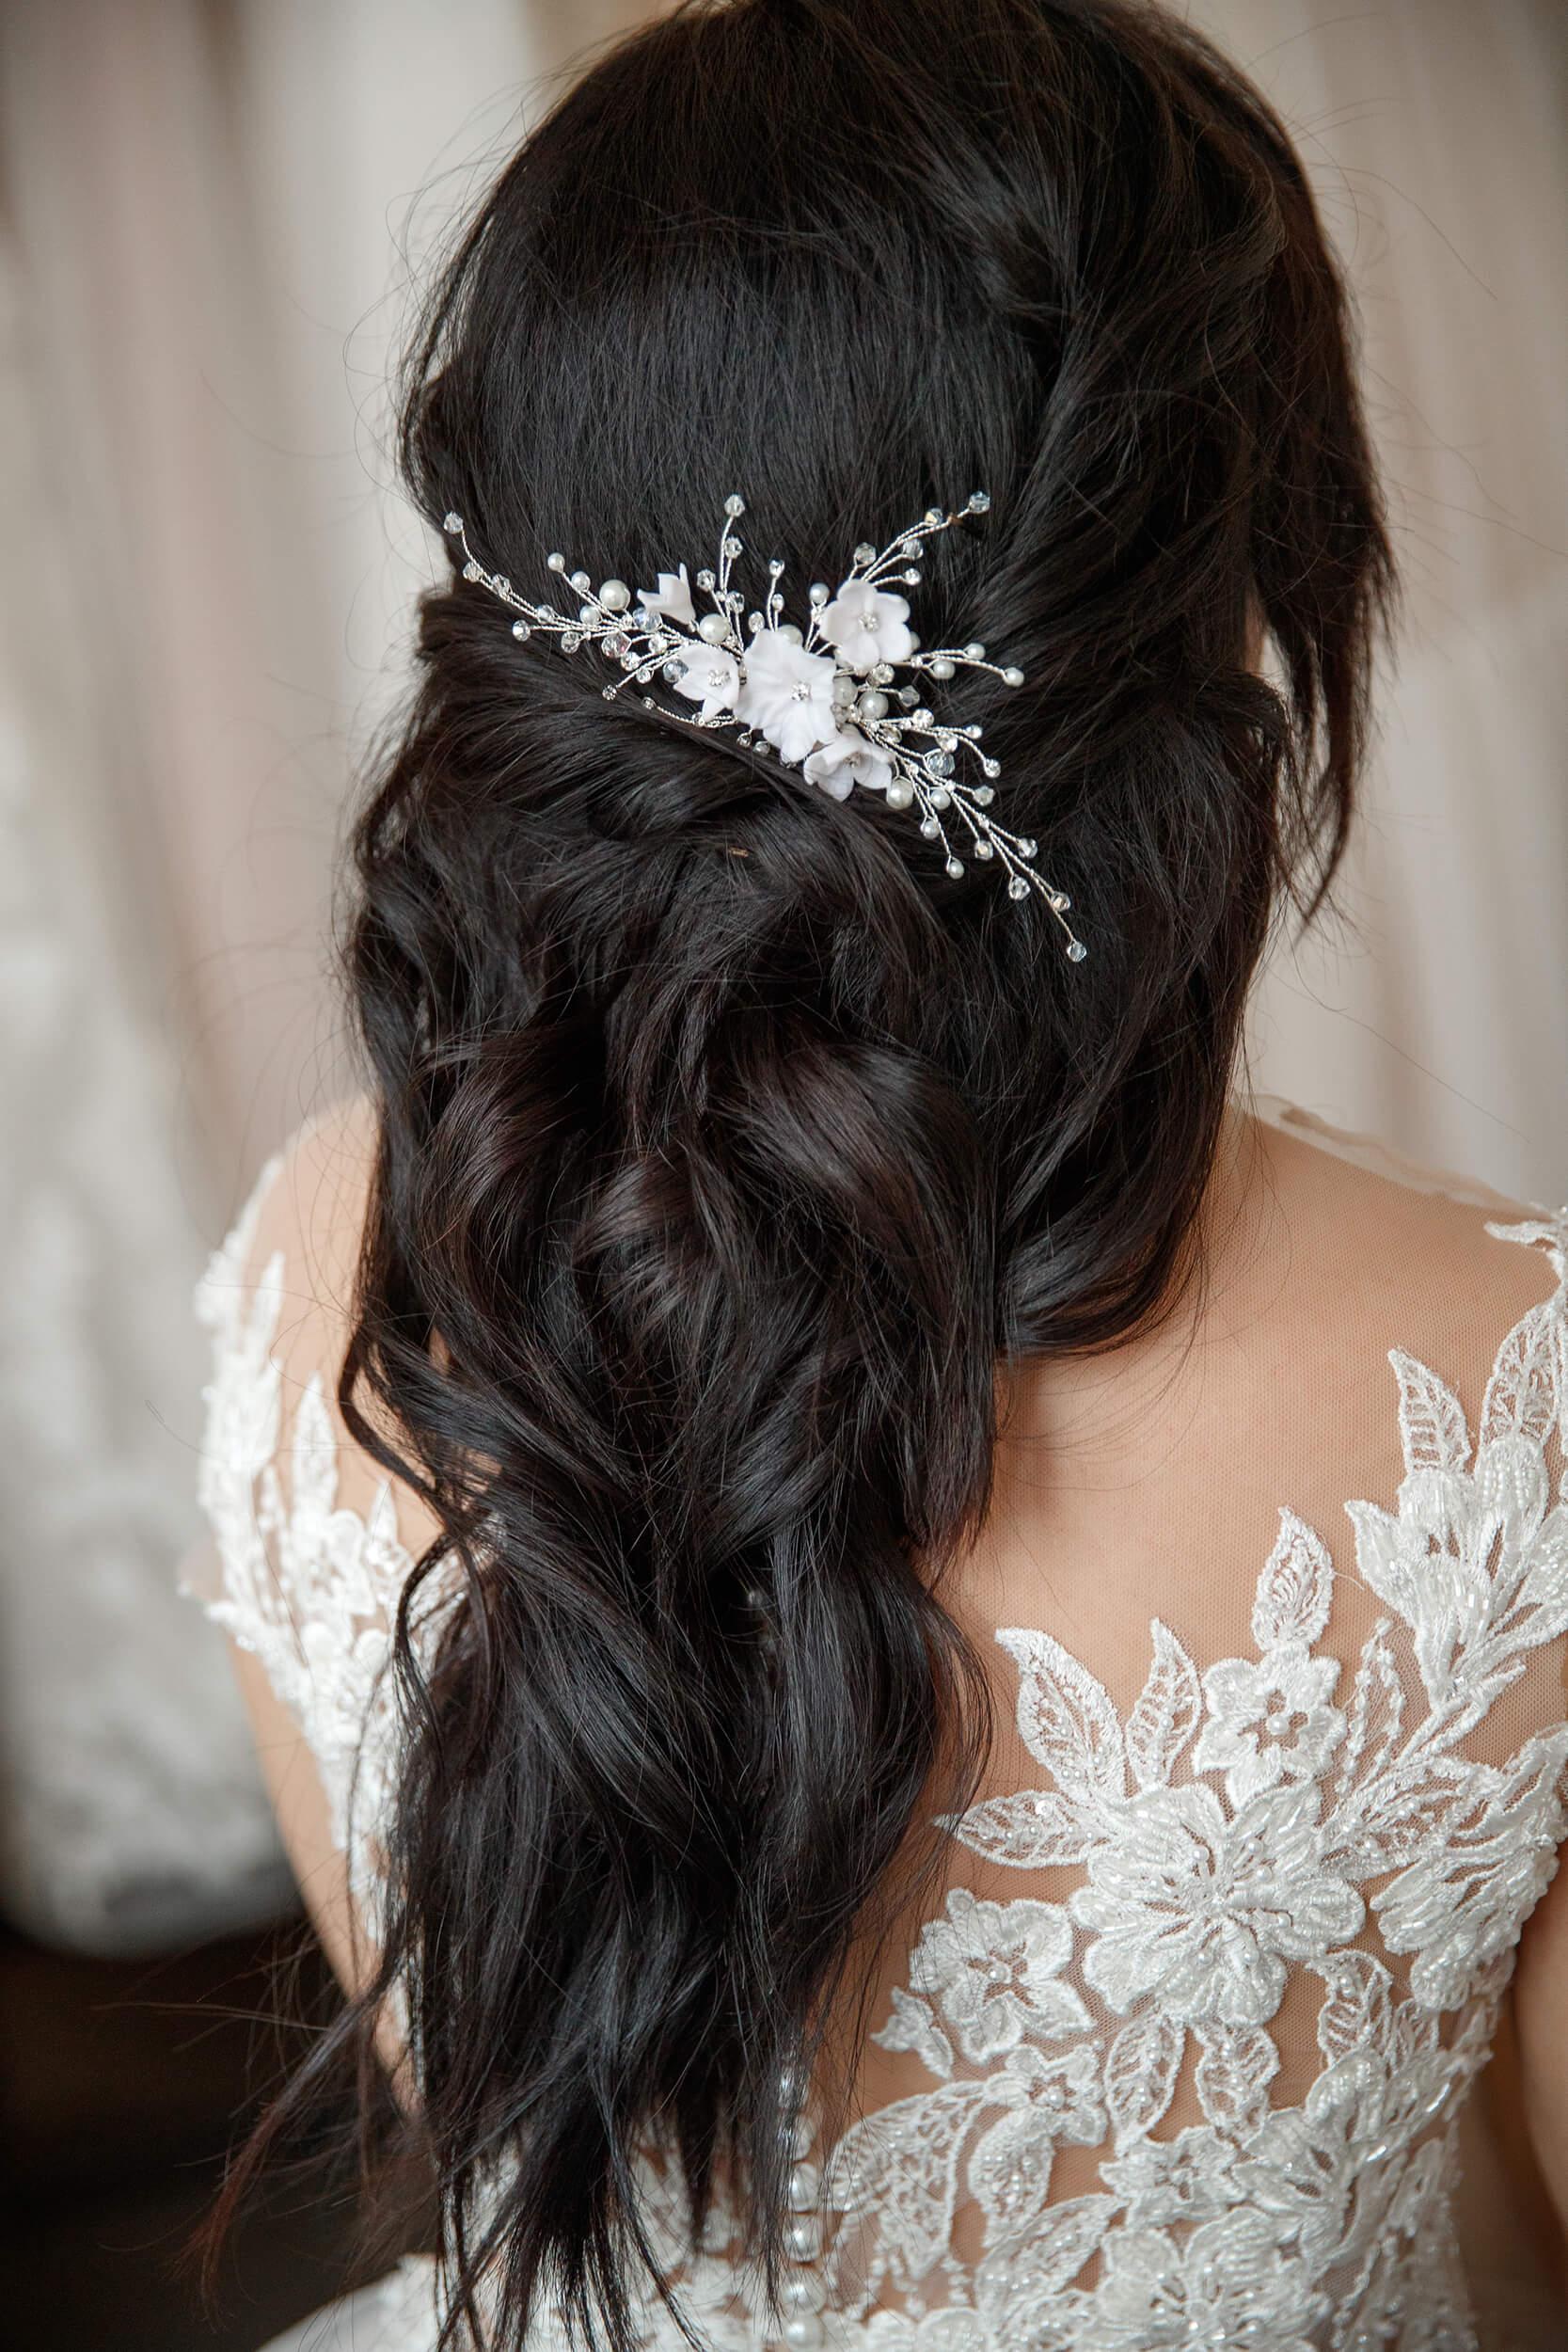 украшения ручной работы для волос | Vero